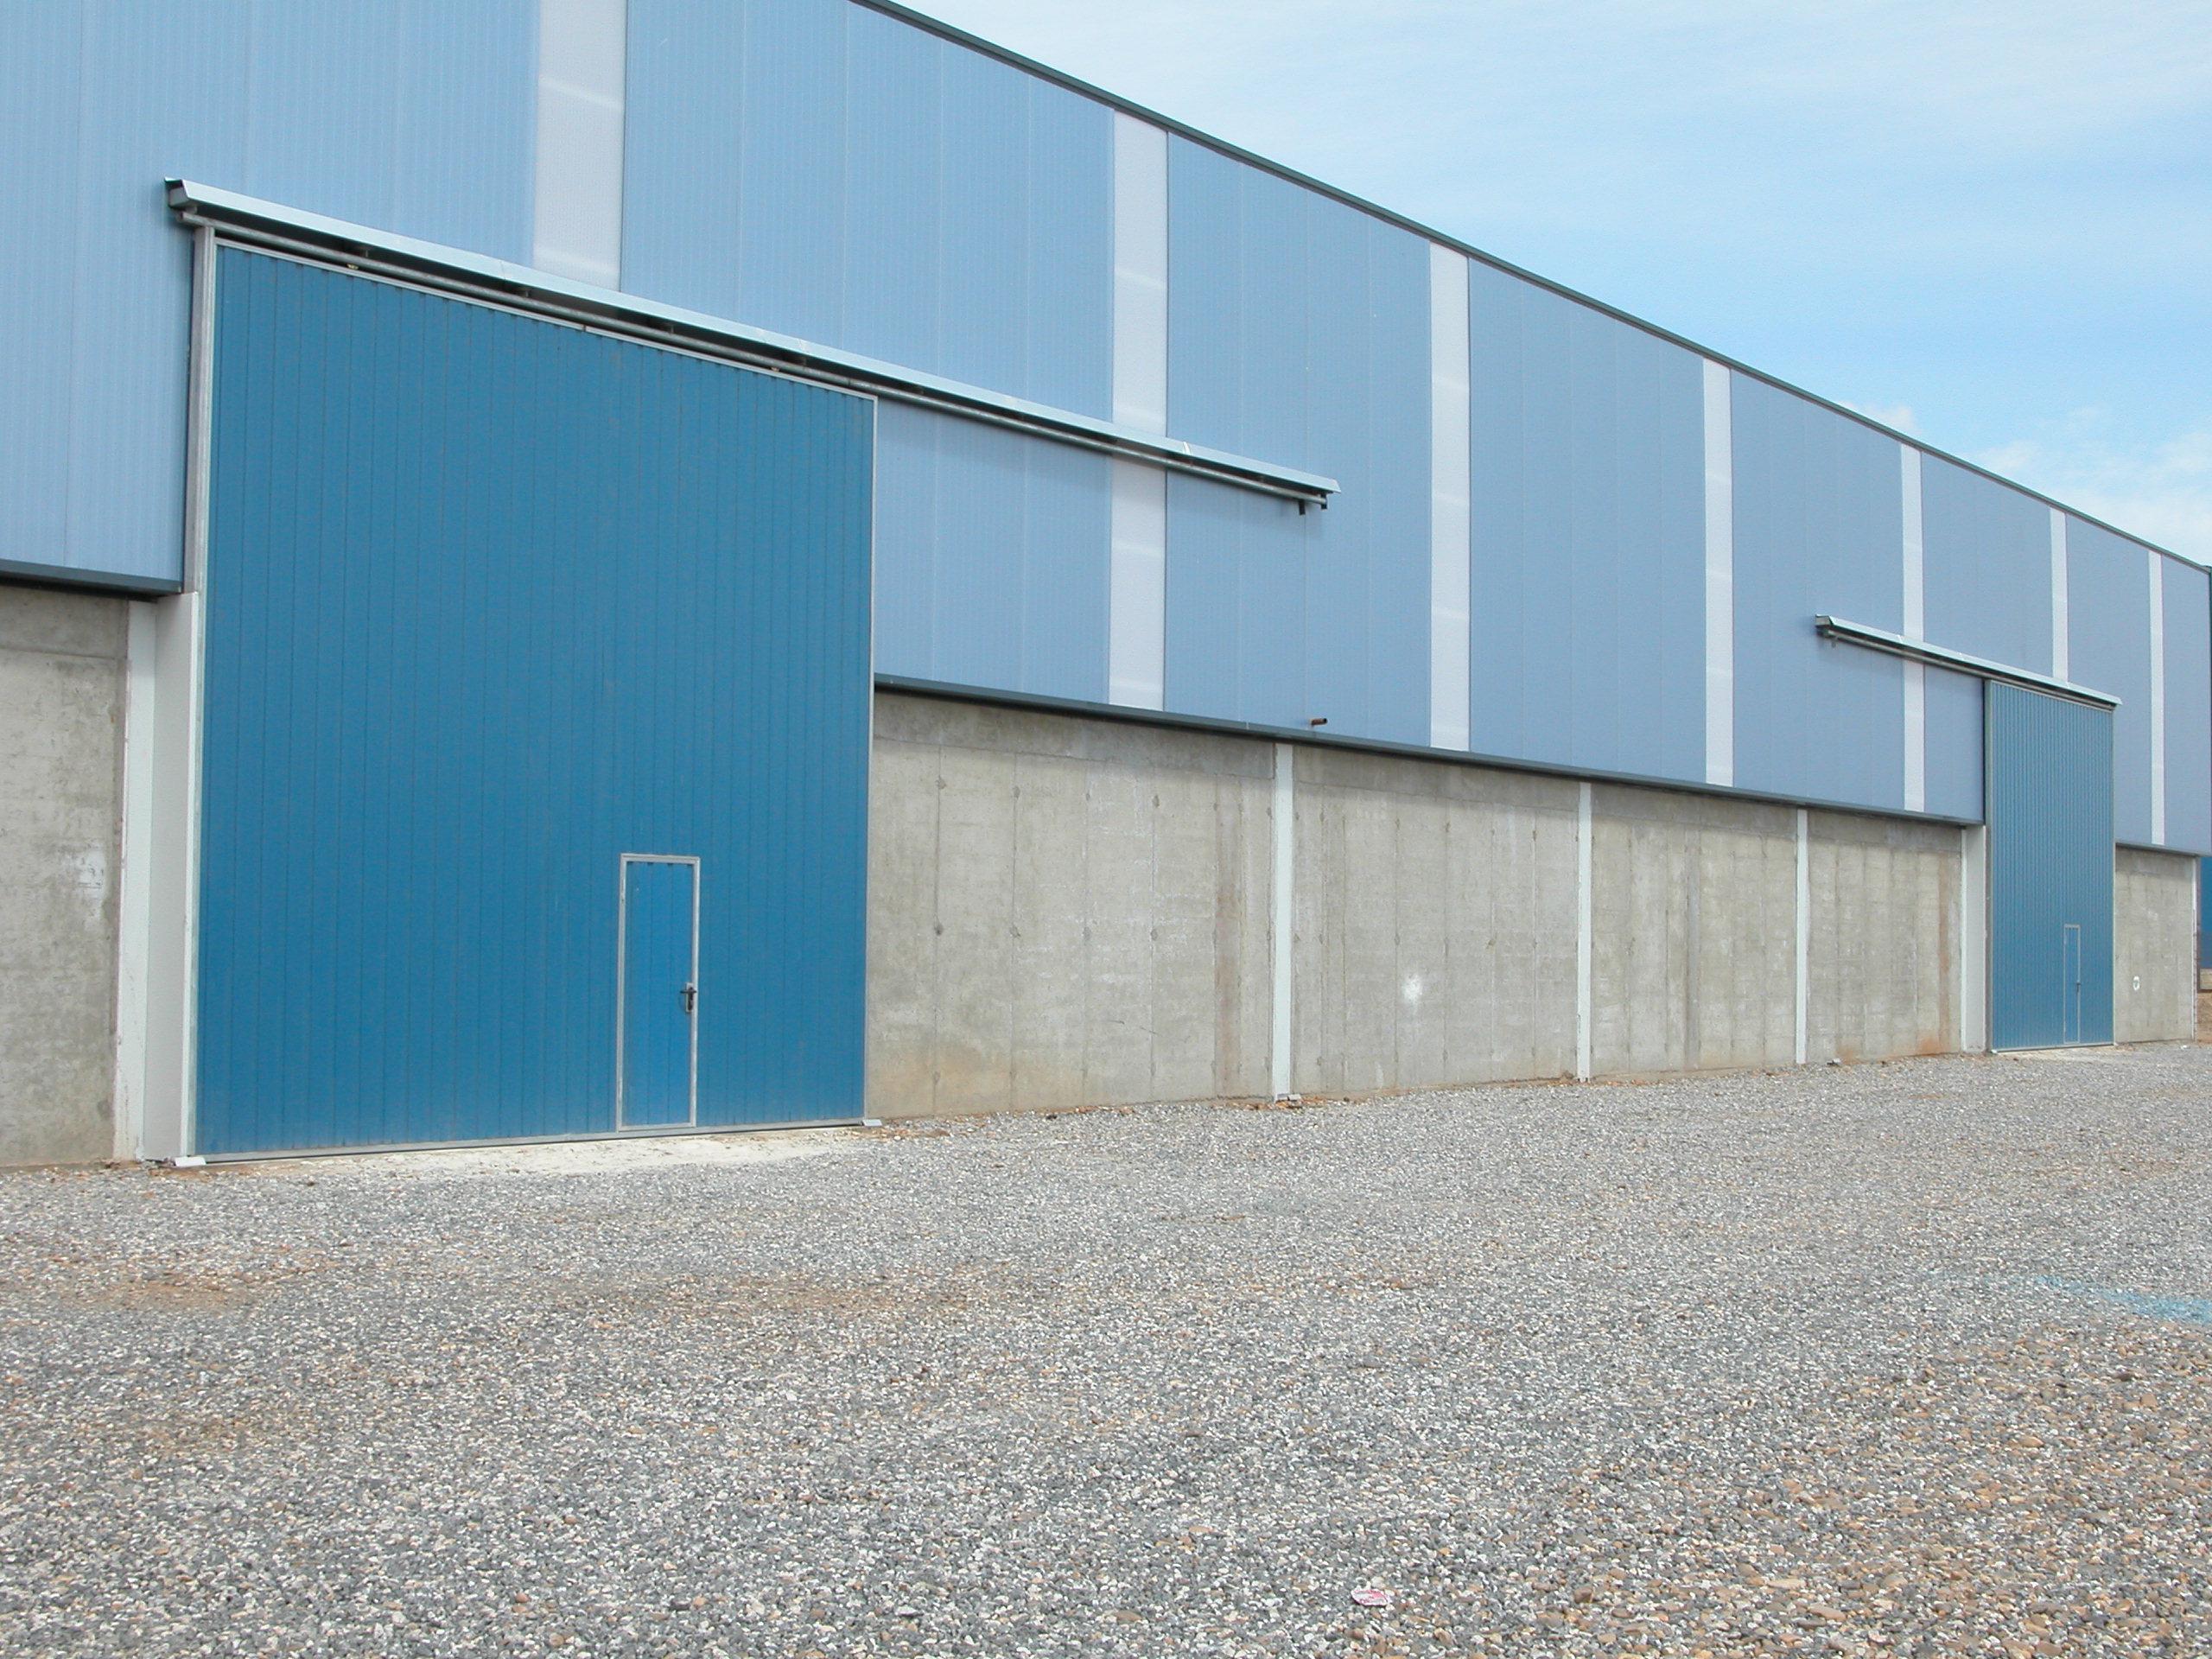 Puertas correderas puertas y automatismos m luque for Puertas industriales